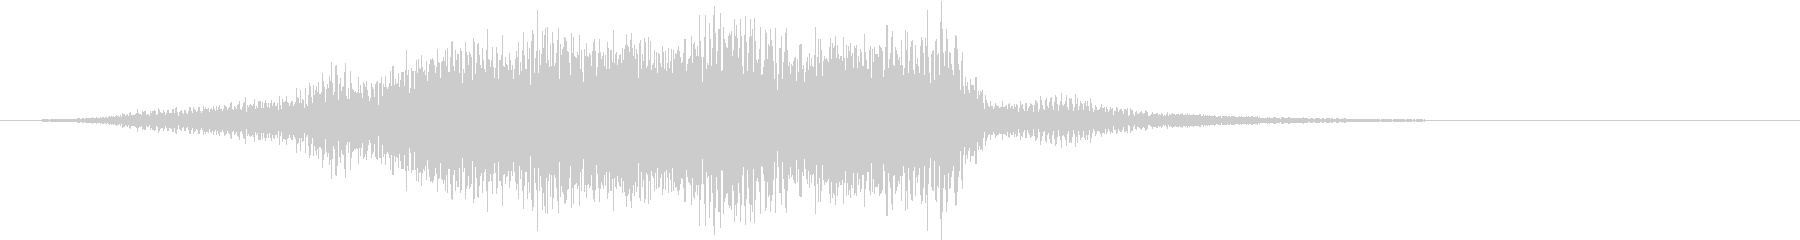 タイトルSE ver01(穏やかな音)の未再生の波形